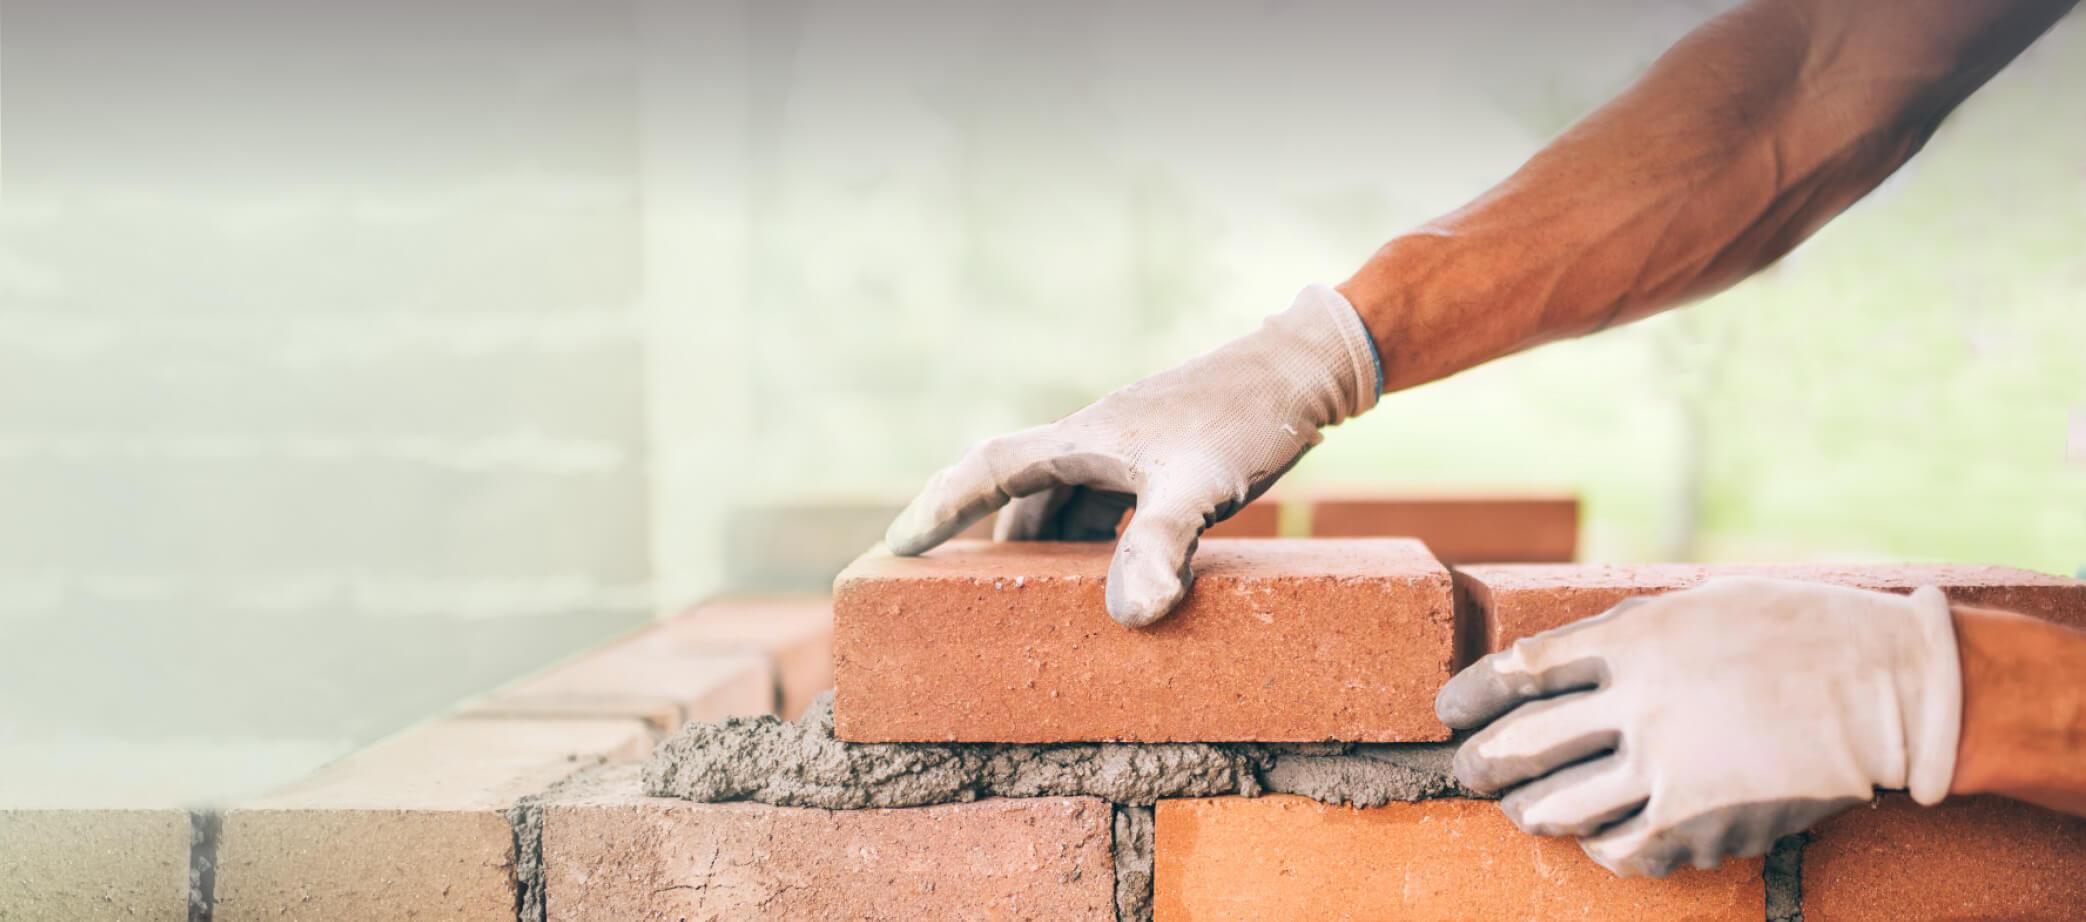 Строительство домов под ключ в Ставрополе, Михайловске, КМВ. Проекты, сметы, цены